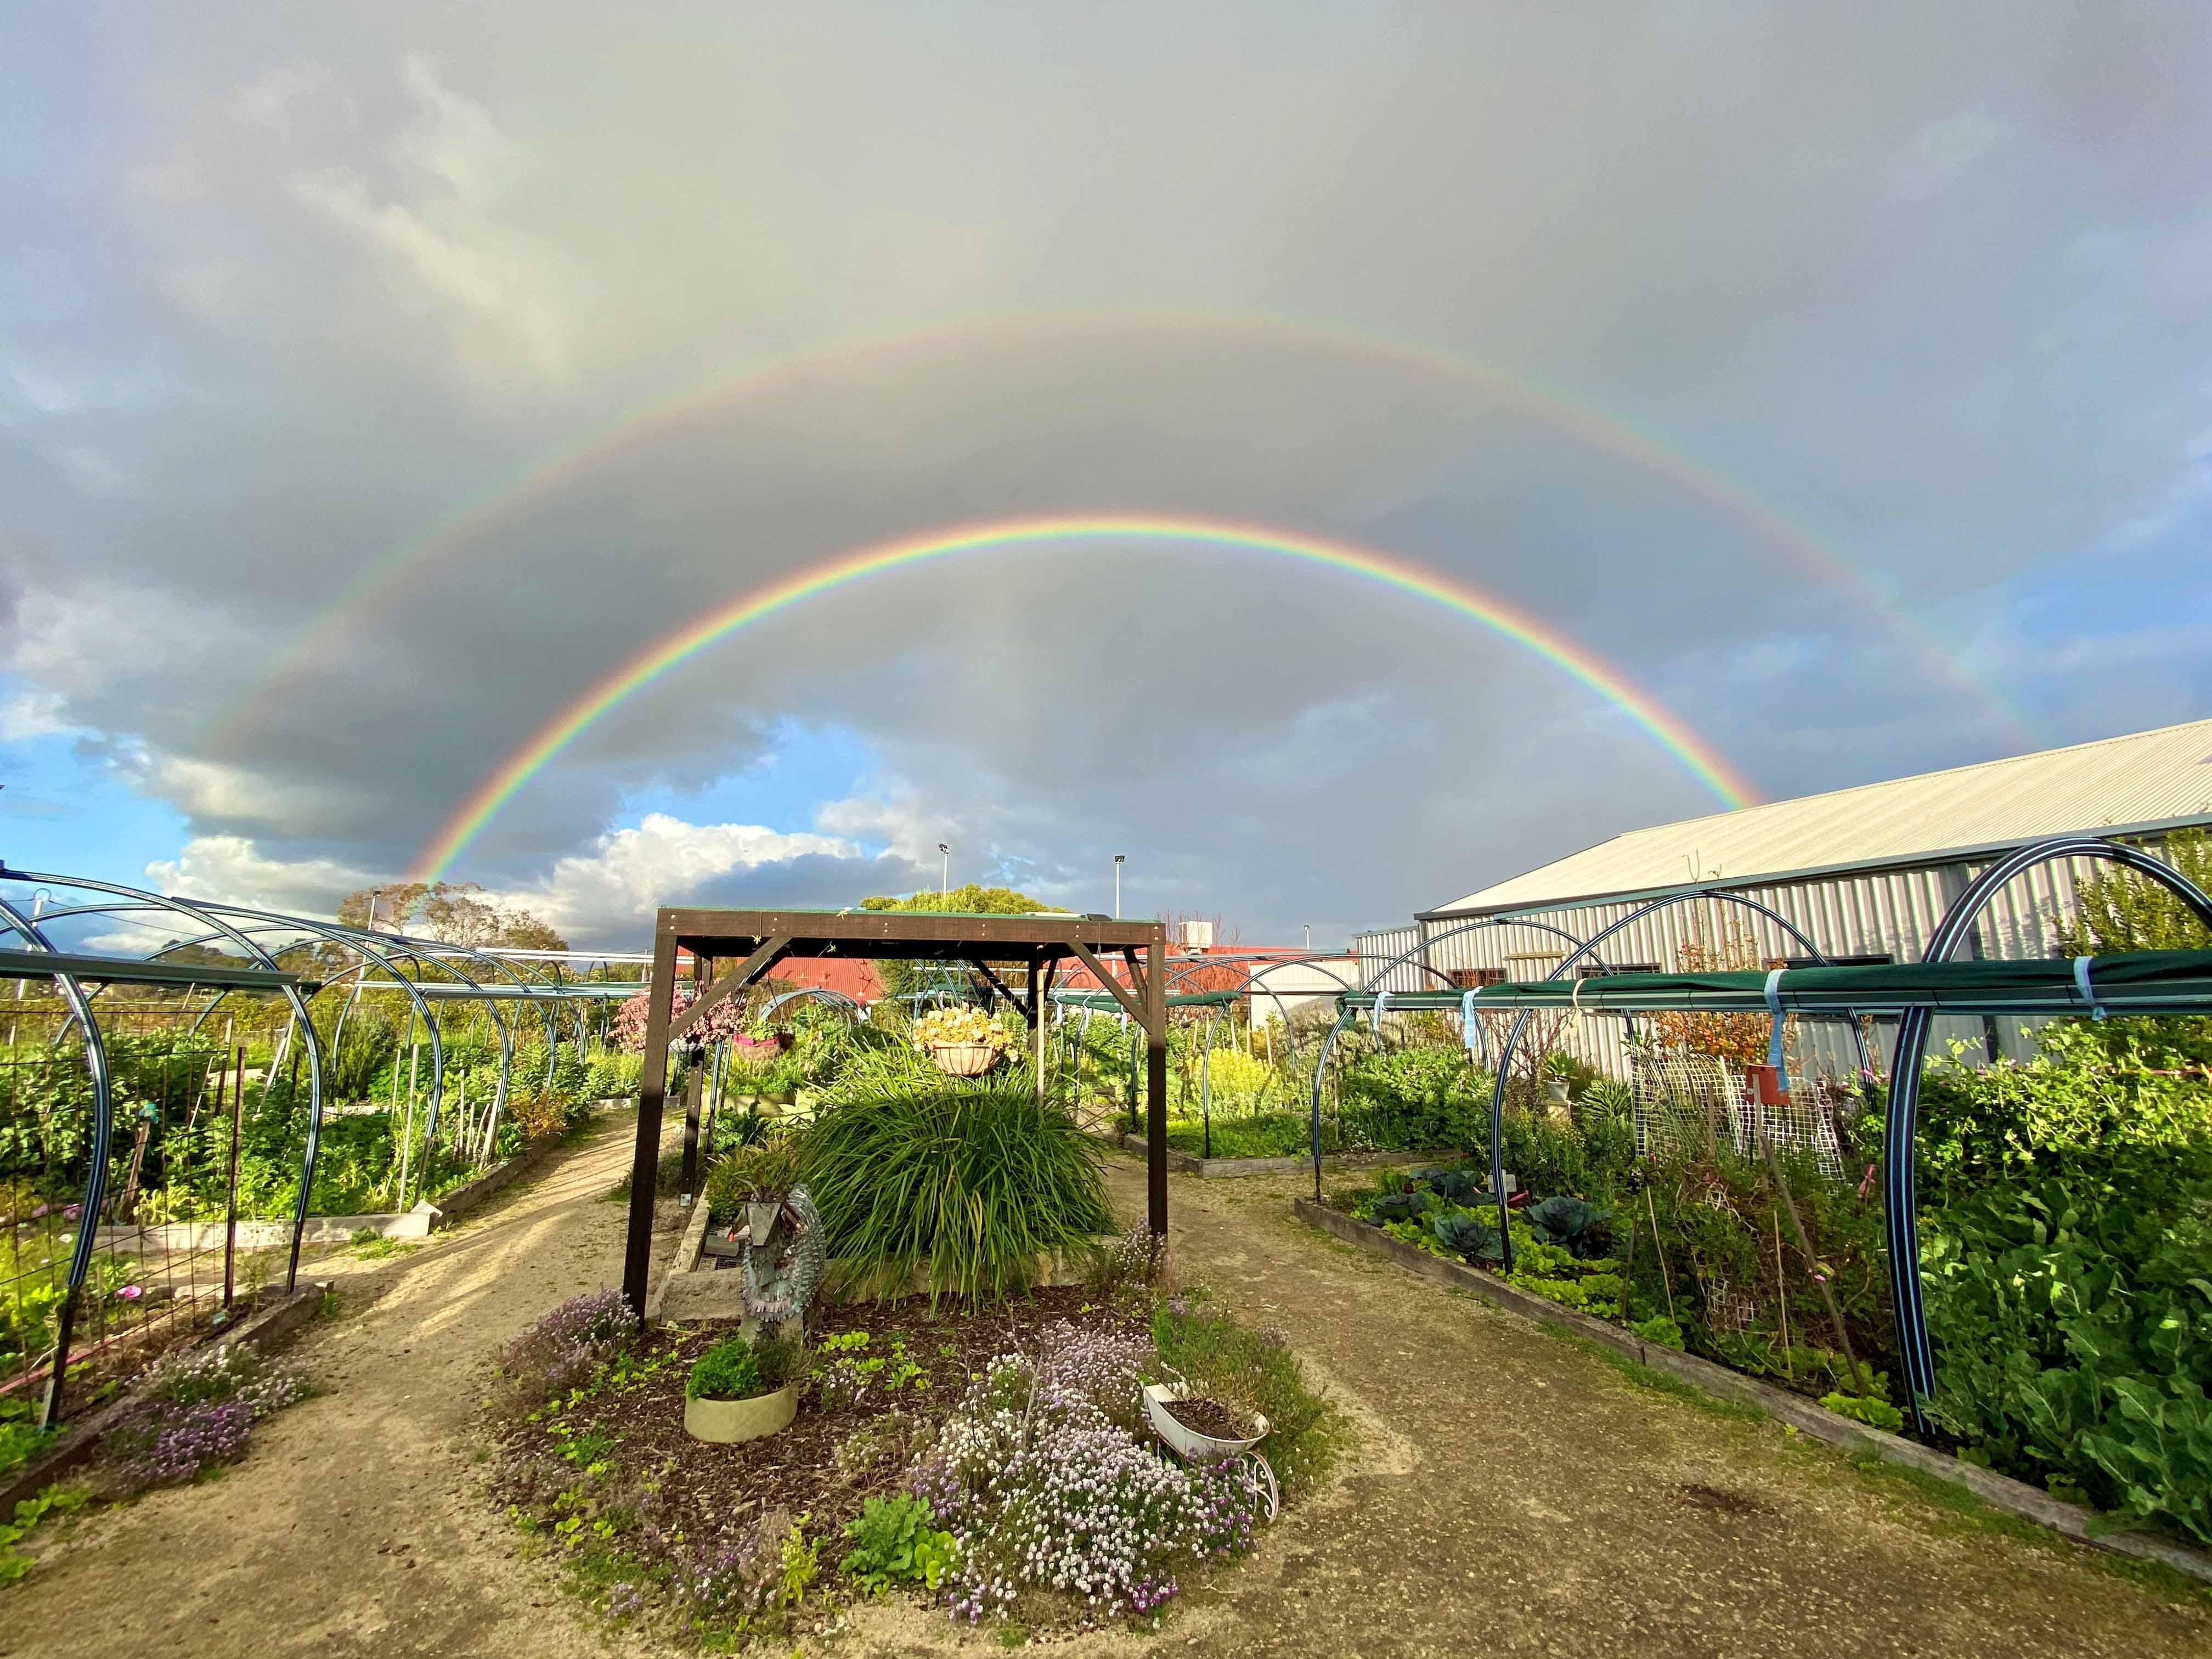 173. N Perth Community Garden 2020